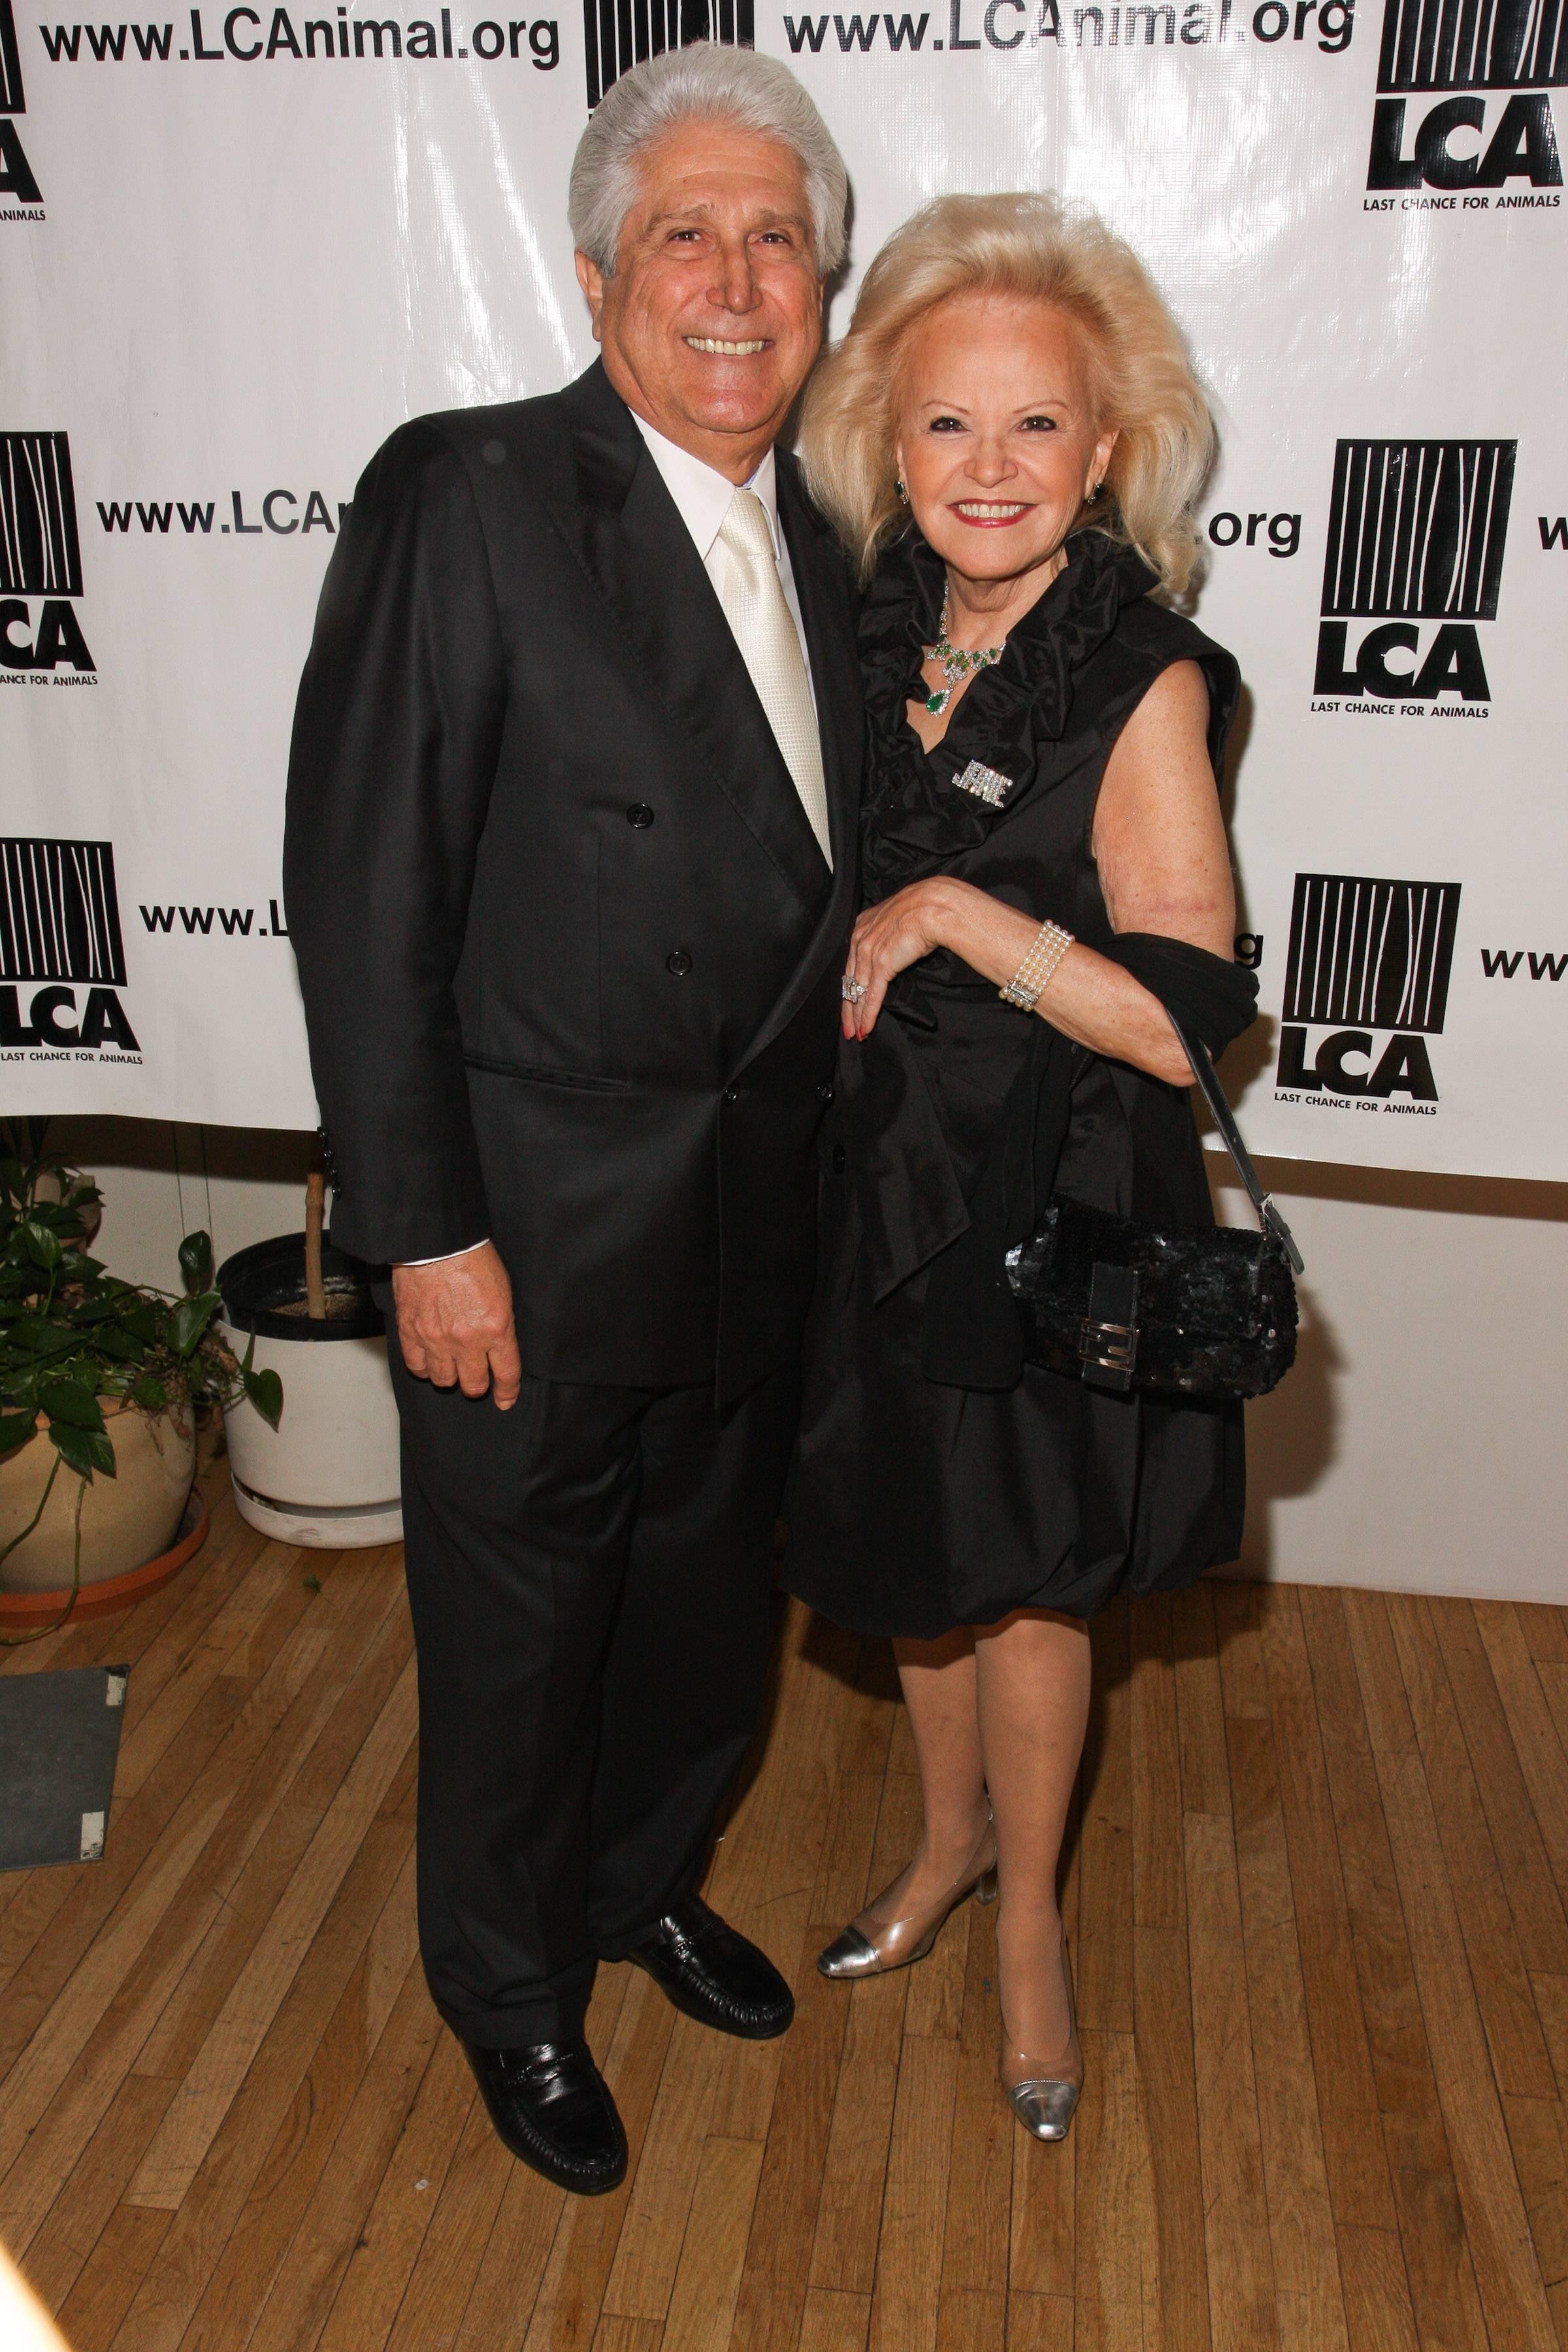 6.Joe and Jane Pontarelli